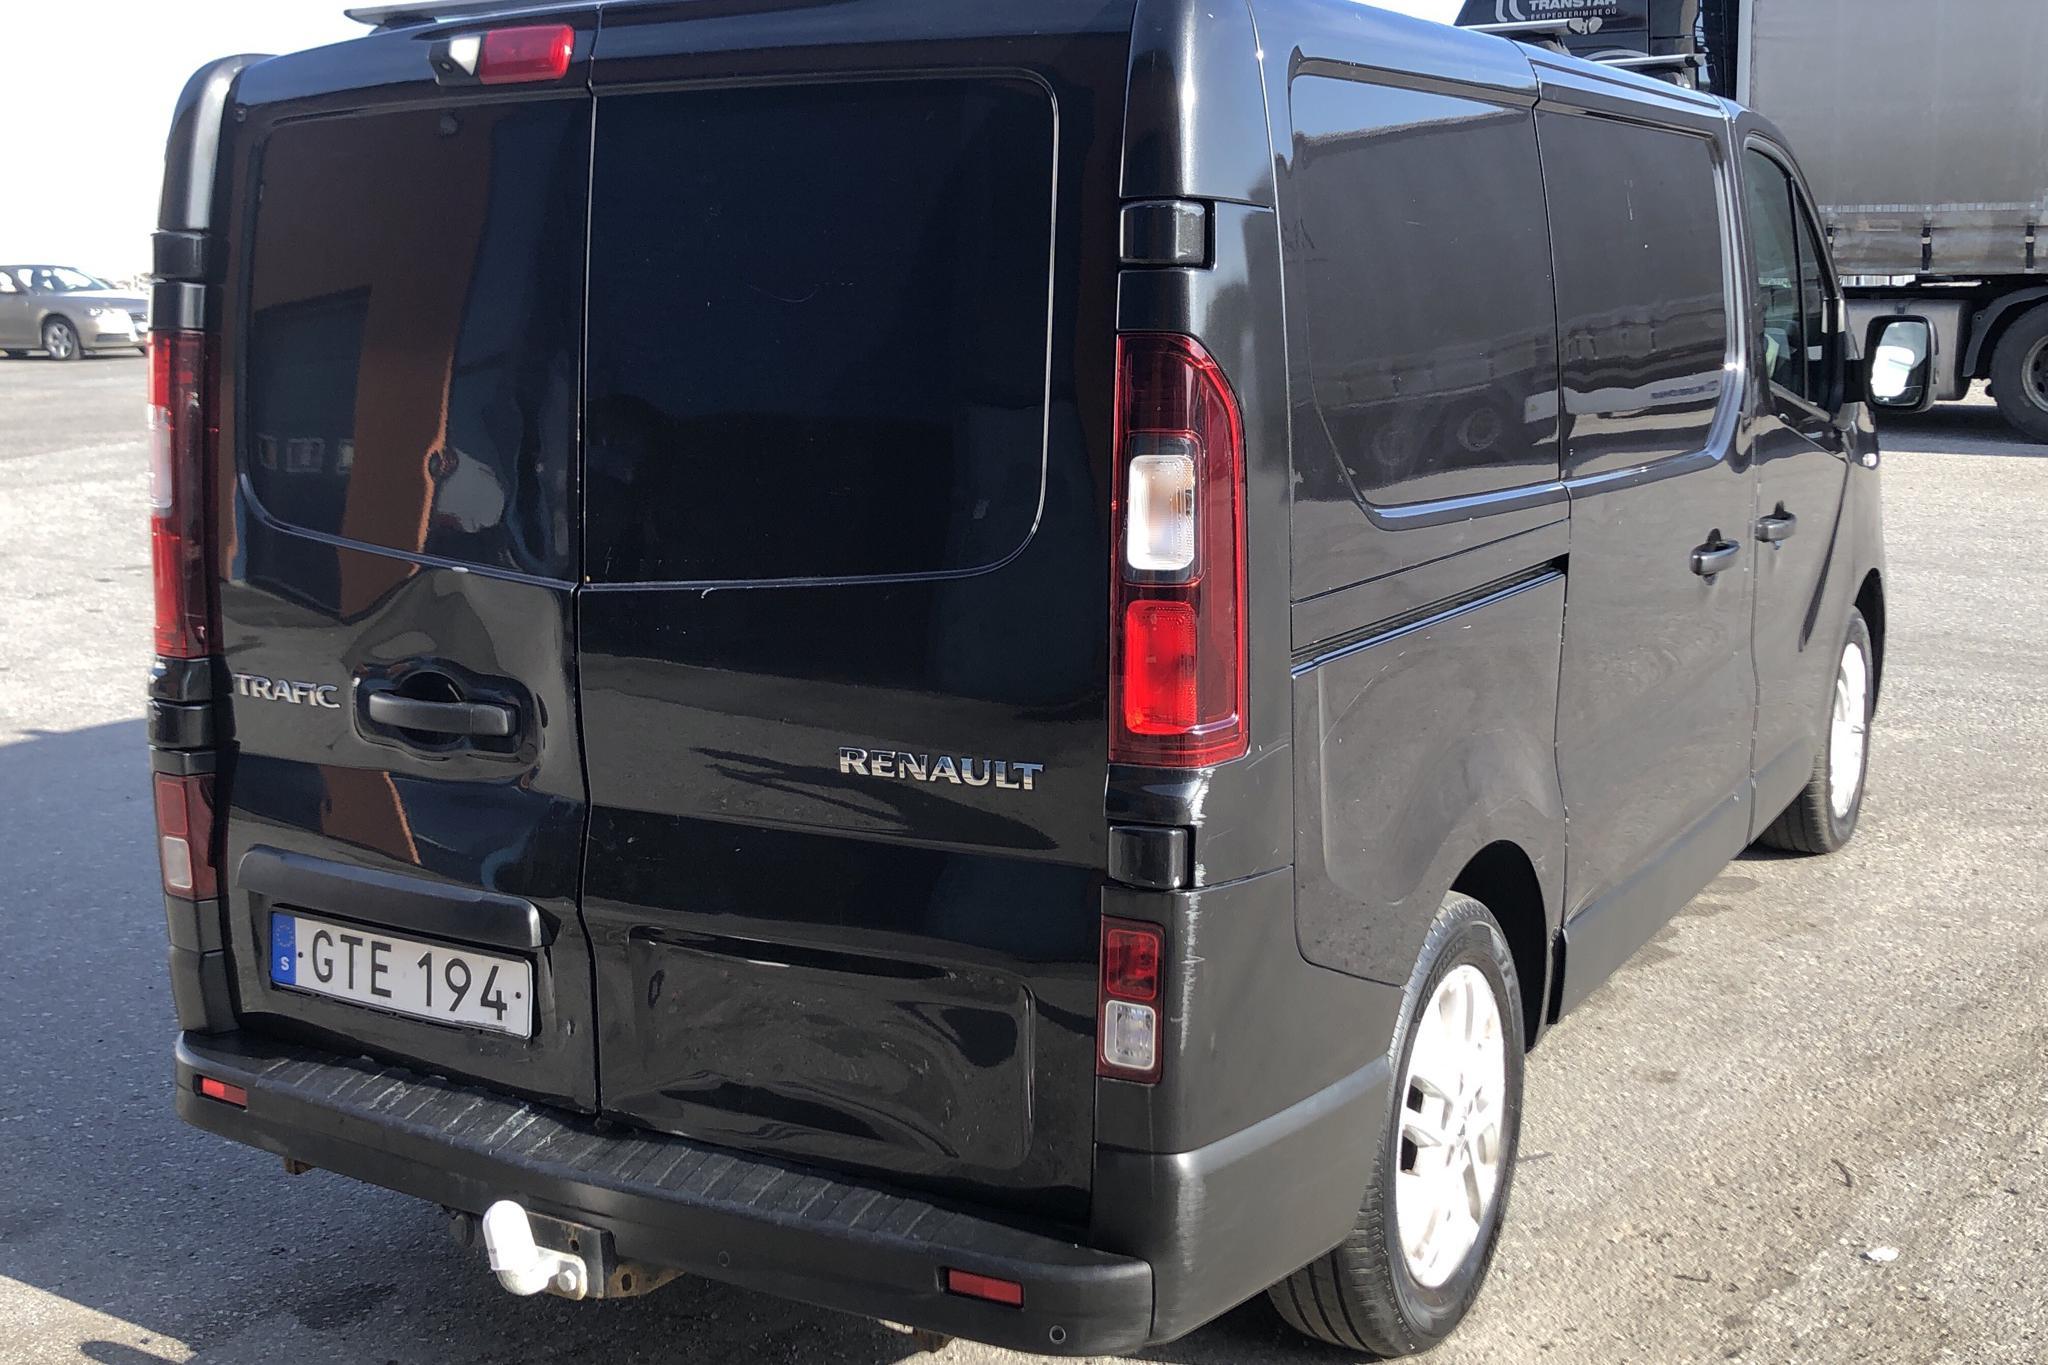 Renault Trafic 1.6 dCi Skåp (140hk) - 144 070 km - Manual - black - 2015